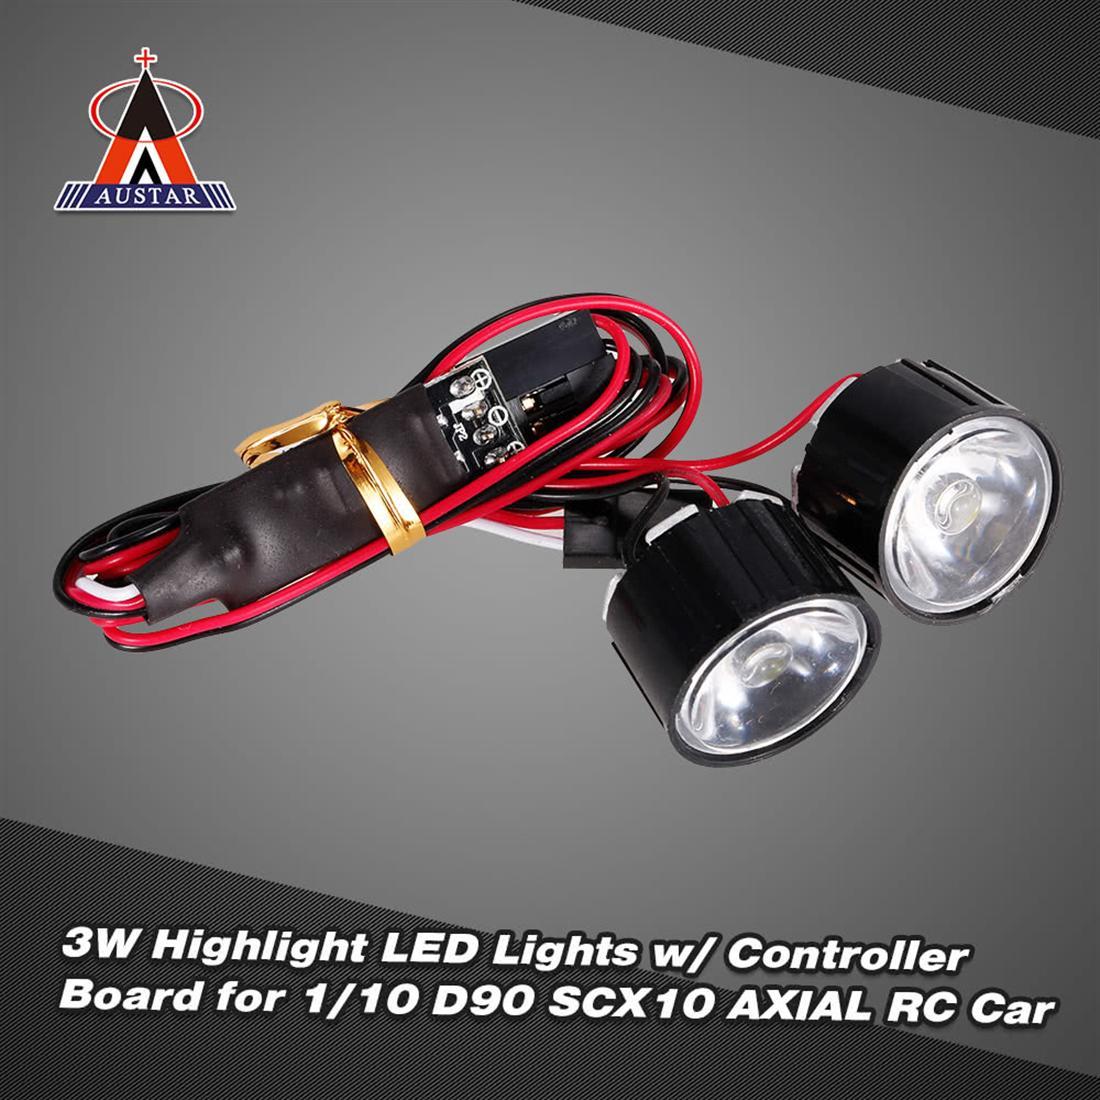 Bộ Đèn LED AUSTAR AX-006A Cho Xe Điều Khiển Từ Xa RC 1/10 Rock Crawler Traxxas Redcat AXIAL